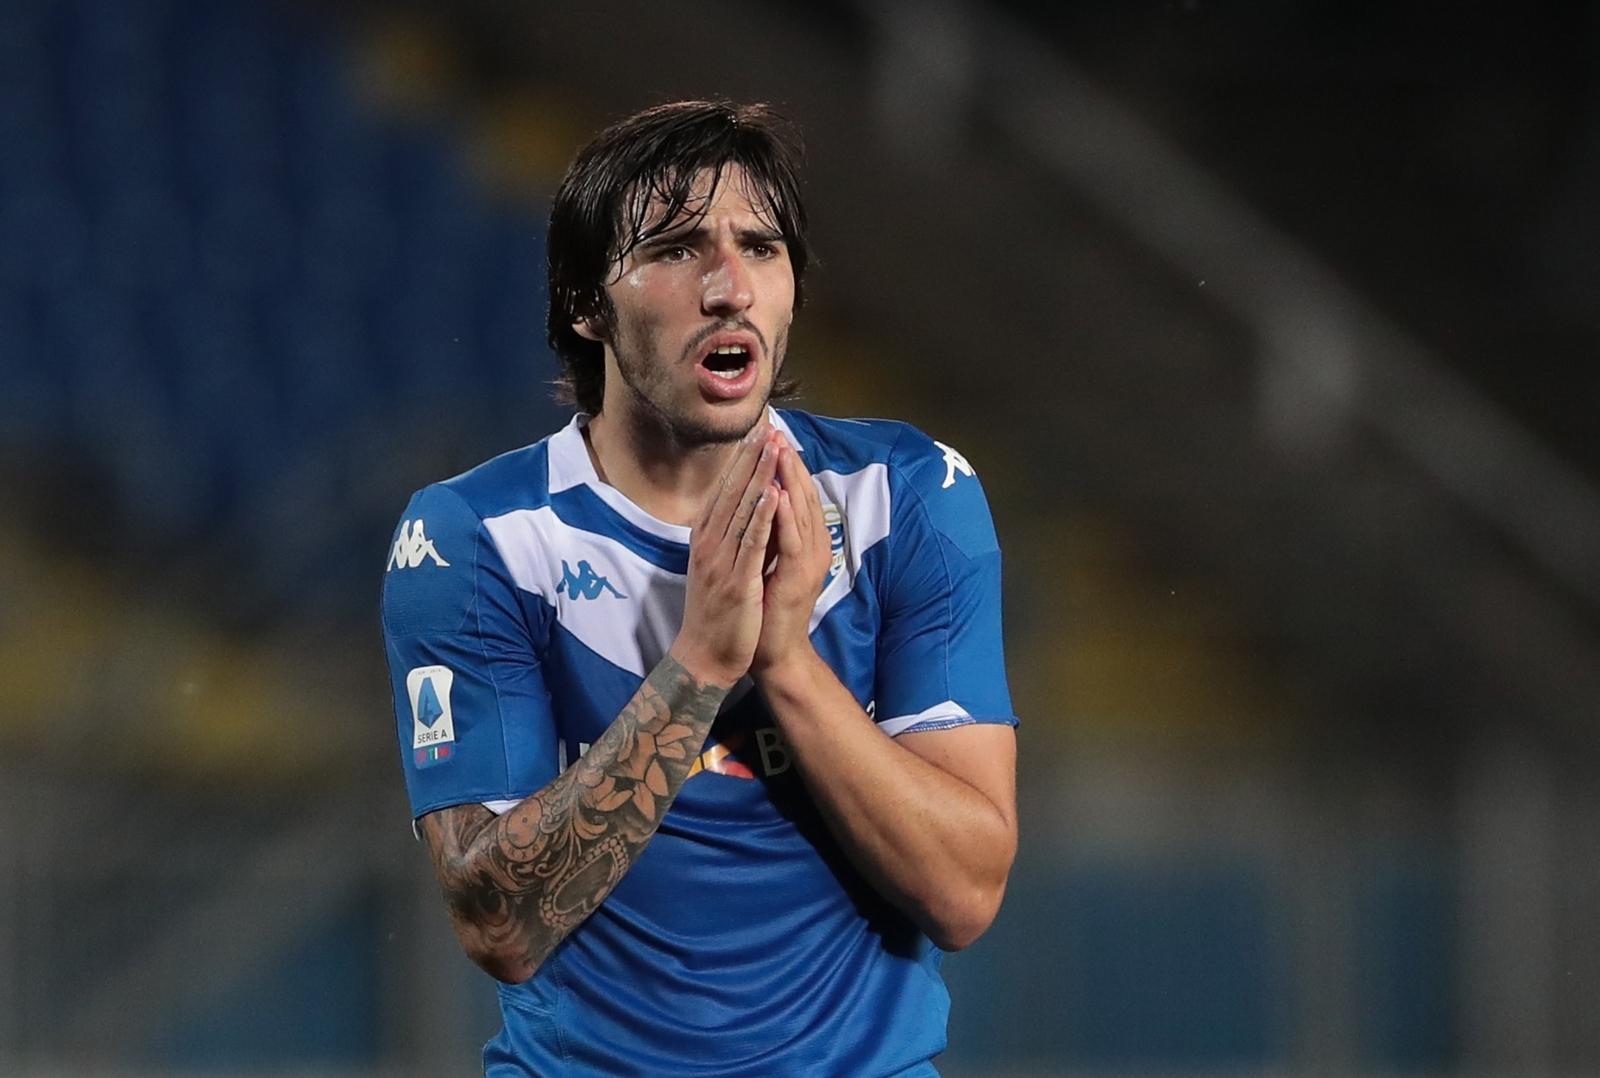 Ufficiale, Sandro Tonali è un giocatore del Milan